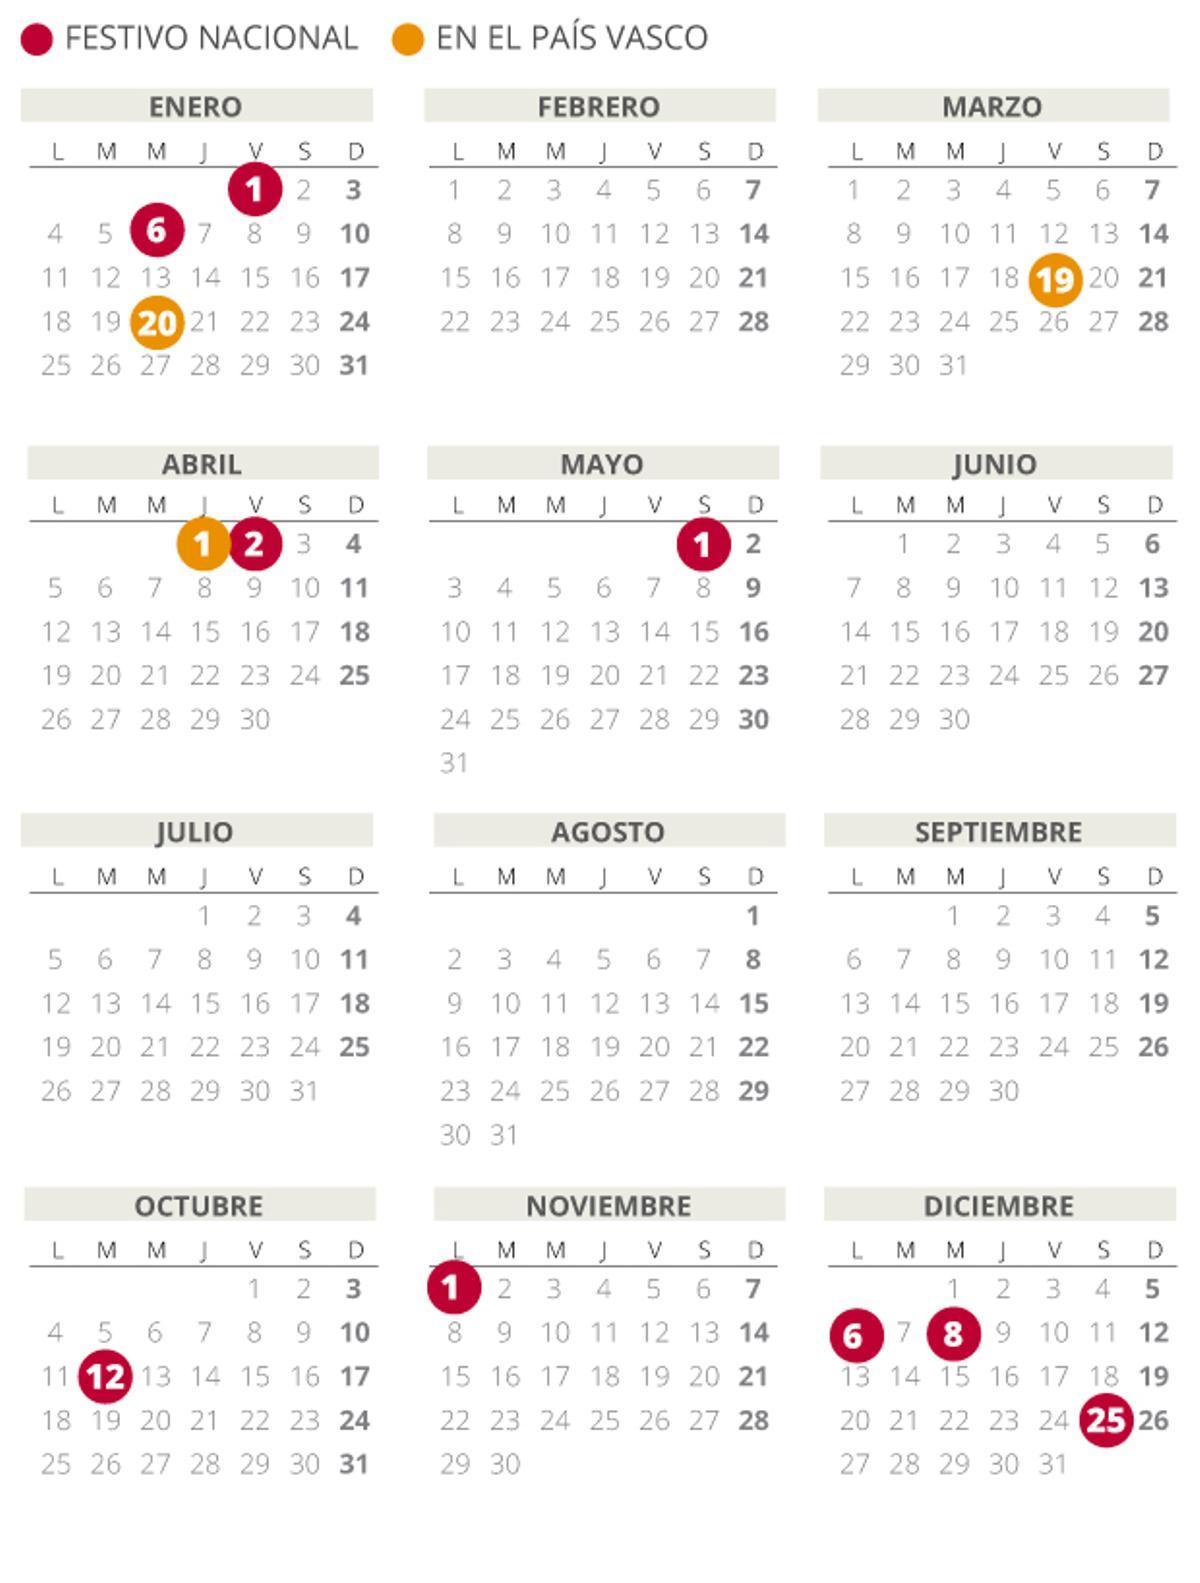 Calendario laboral del País Vasco del 2021.